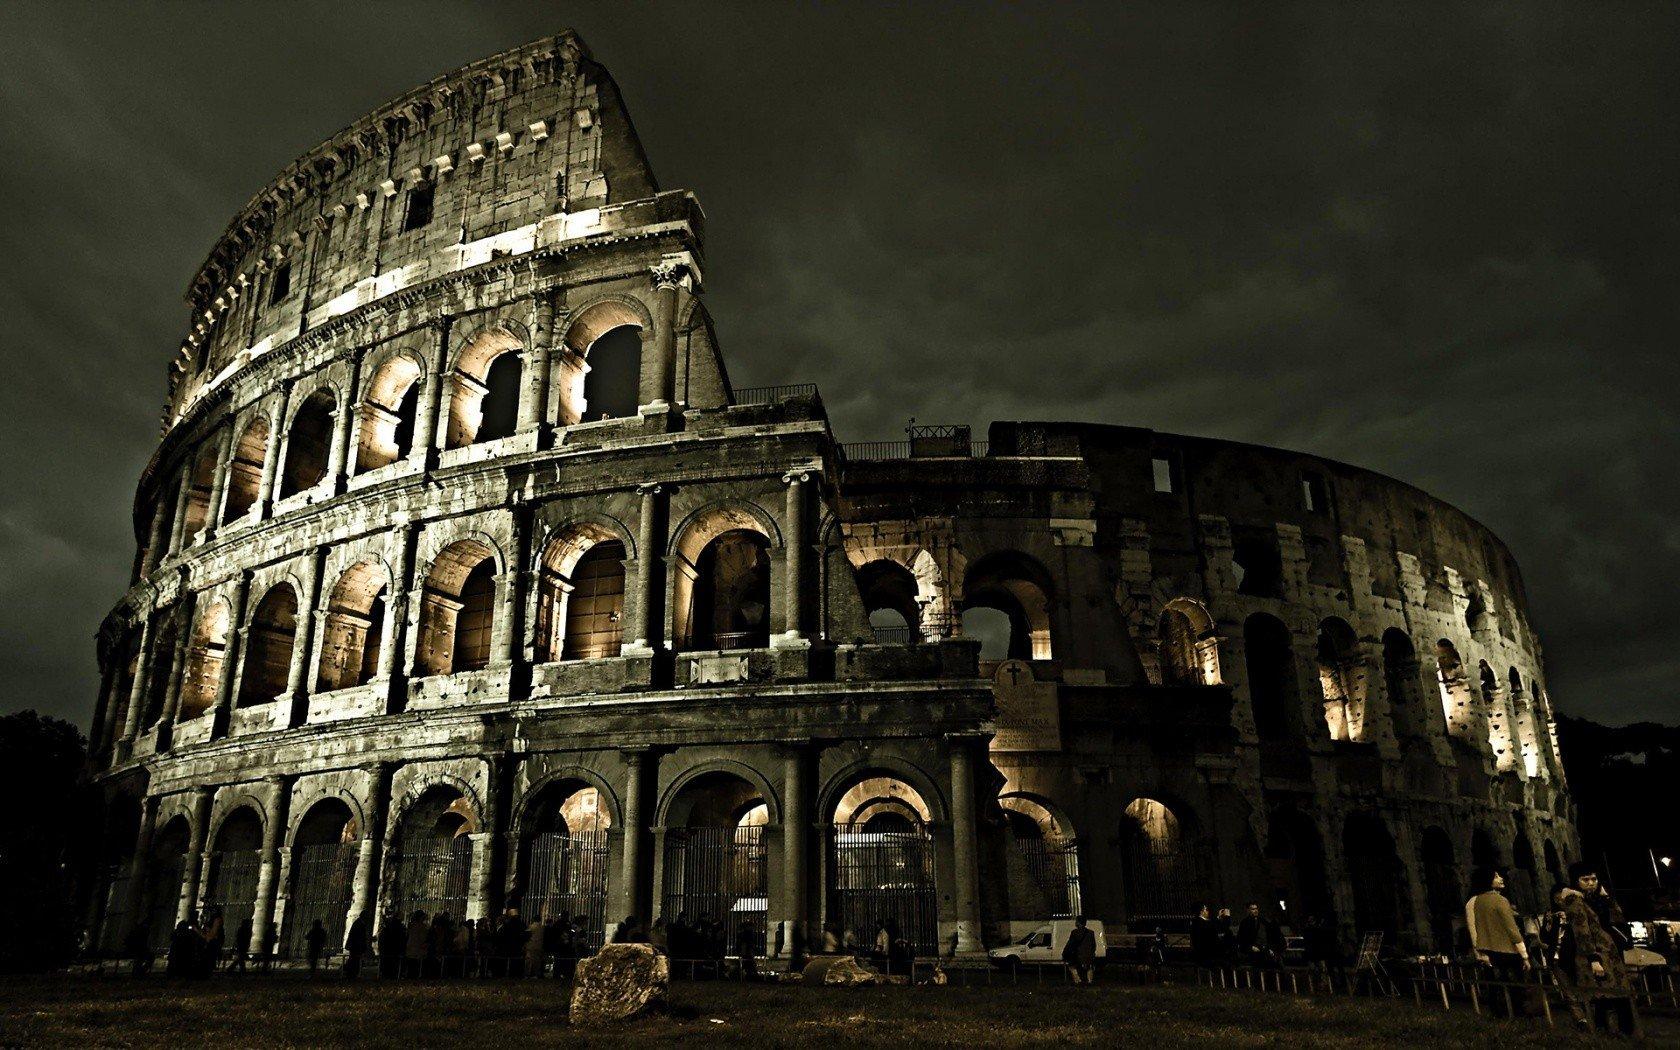 Wallpaper : 1680x1050 px, ancient, architecture, building